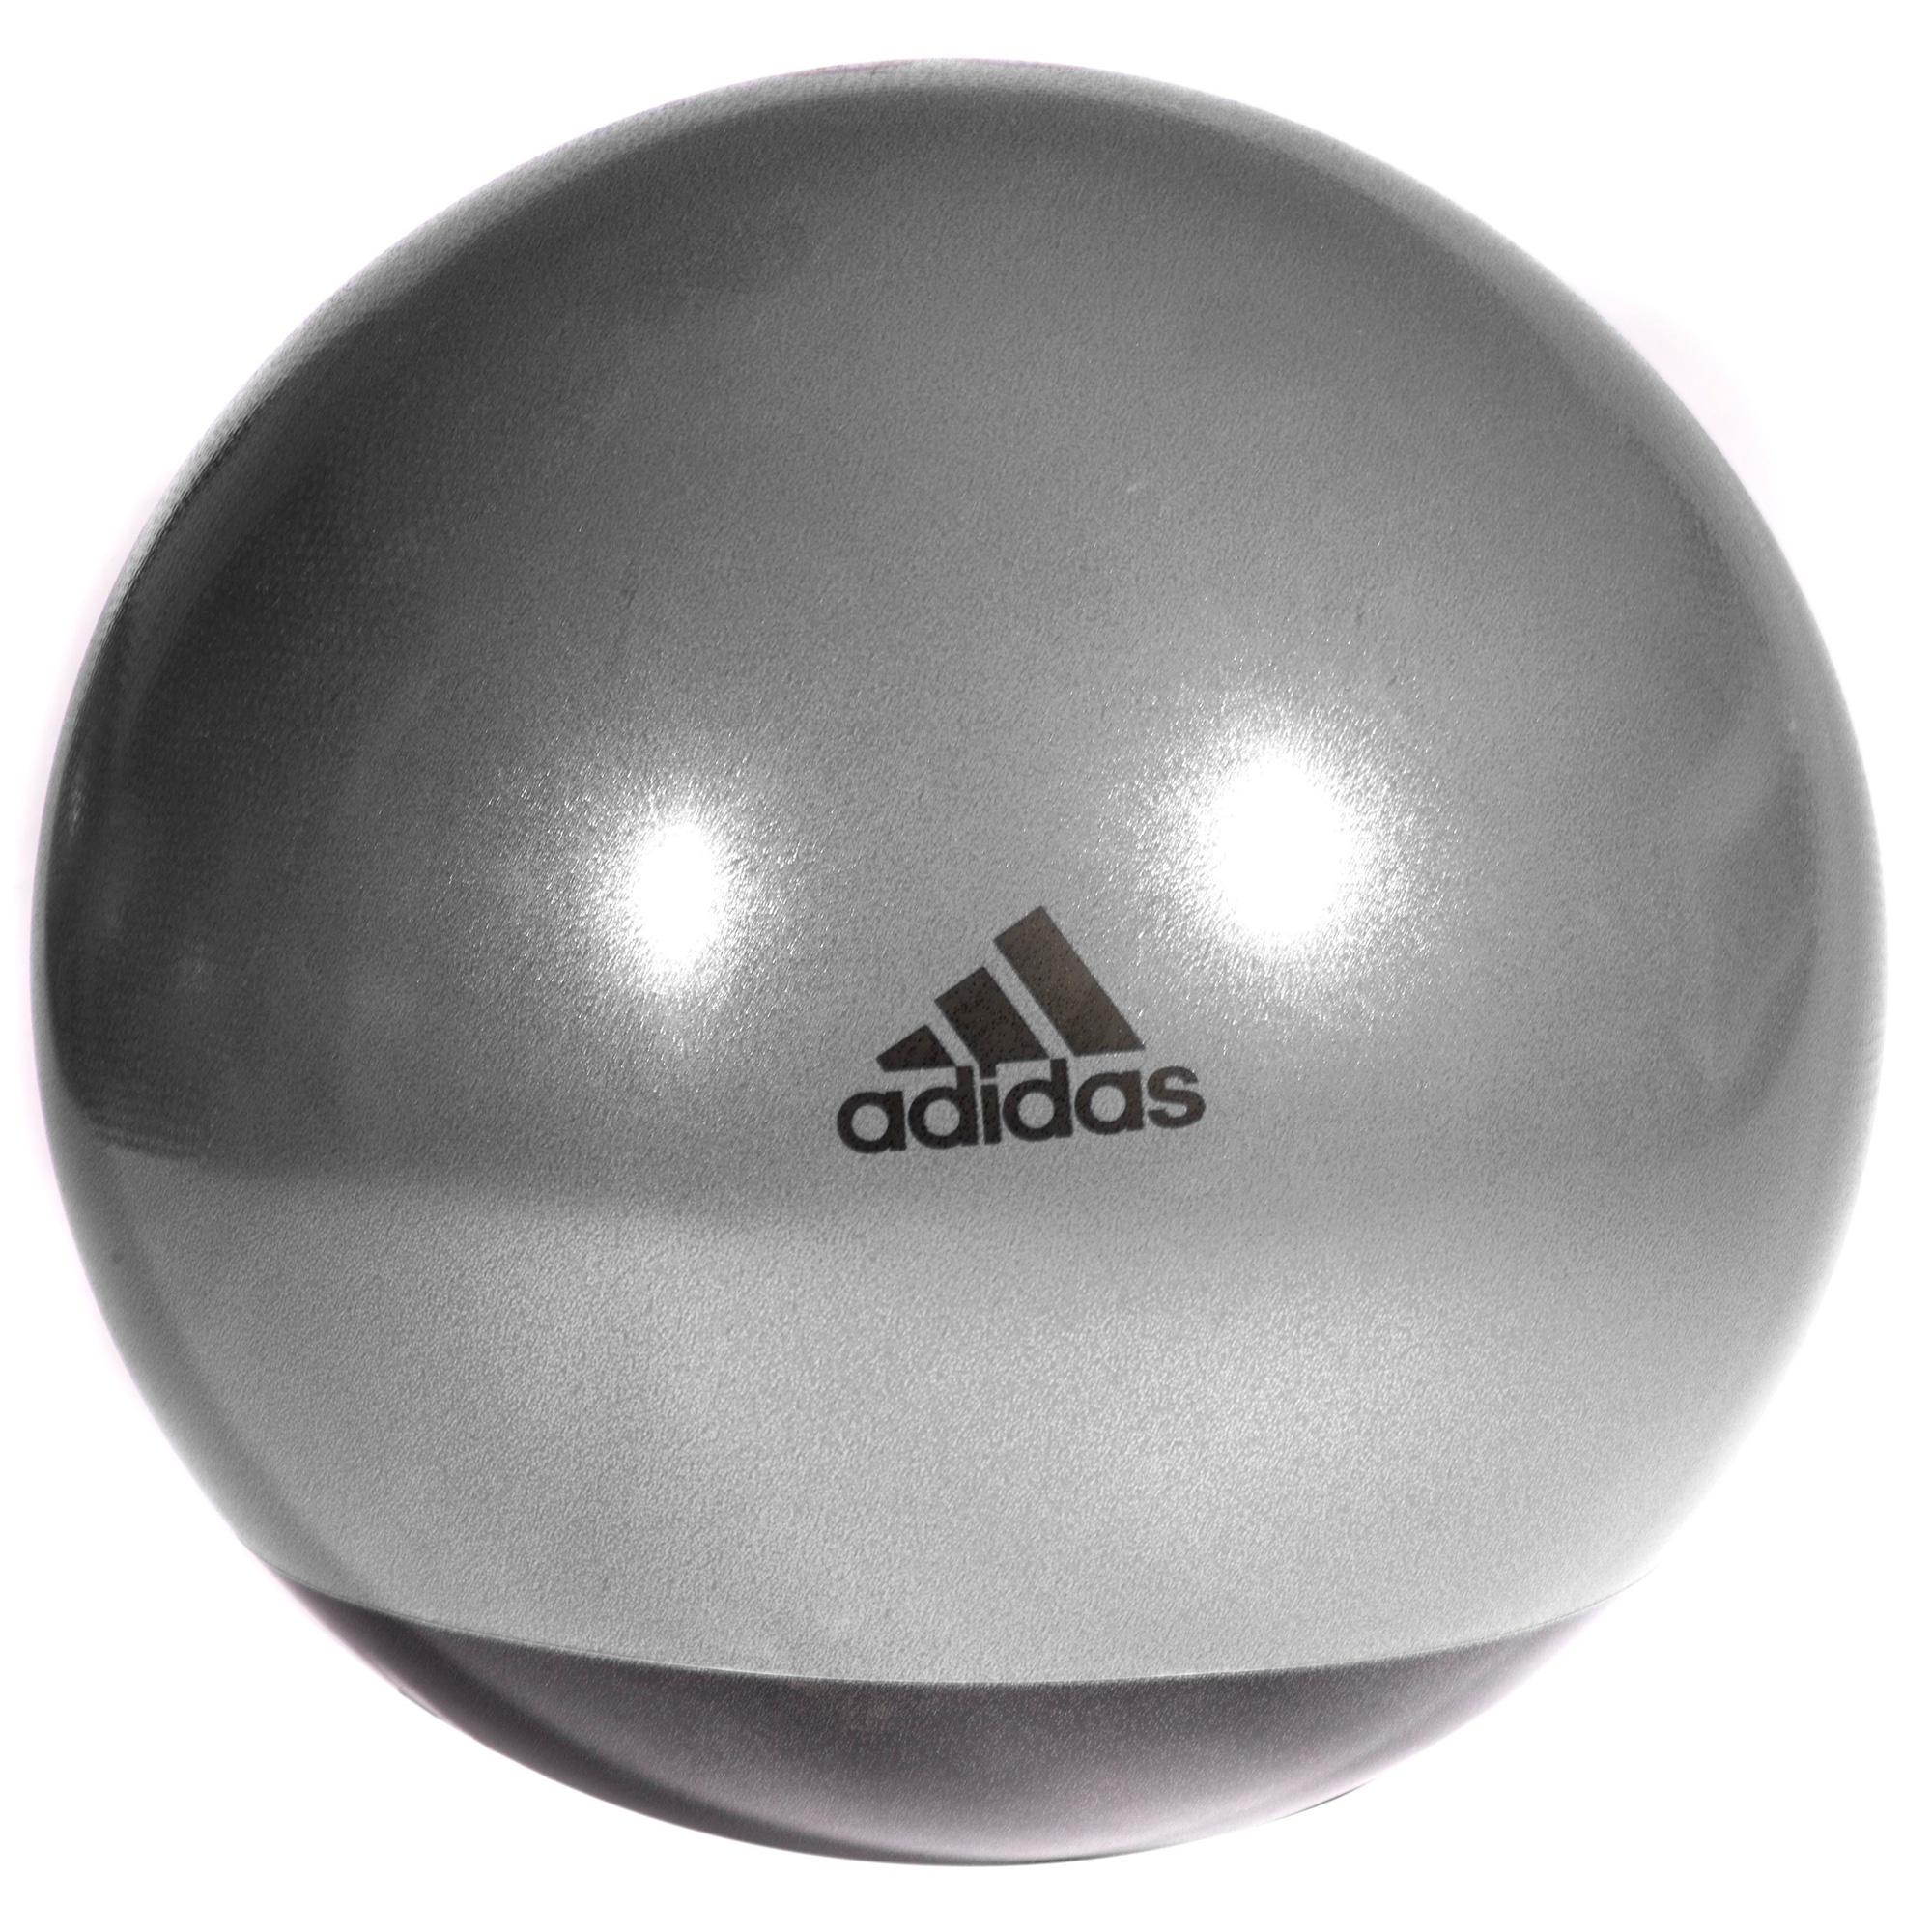 adidas 65cm Premium Gym Ball  Grey